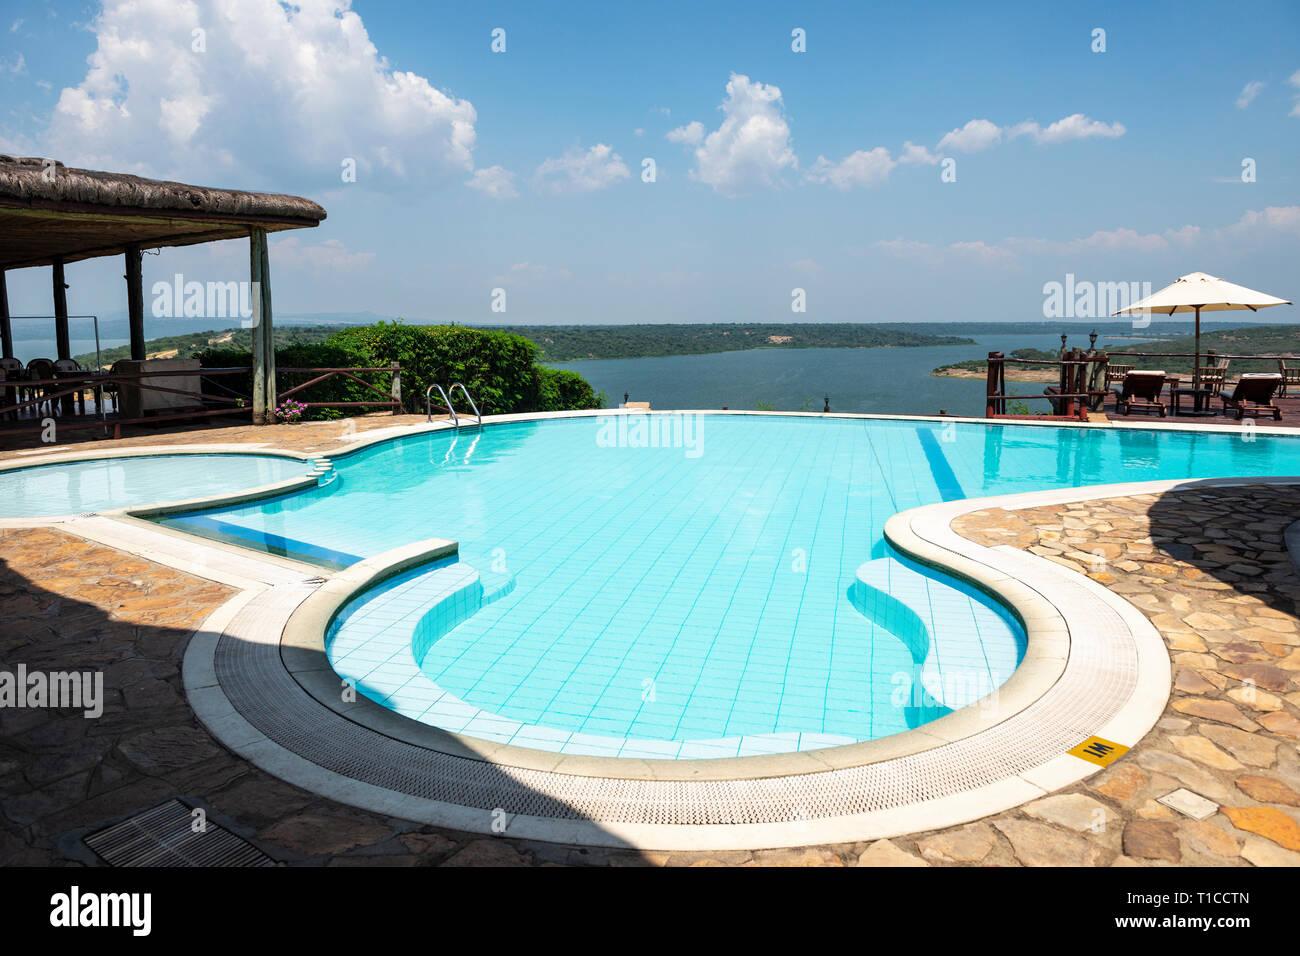 La piscina, con vistas del canal Kazinga, en Mweya Safari Lodge en el Parque Nacional Queen Elizabeth en el sudoeste de Uganda, África Oriental Imagen De Stock